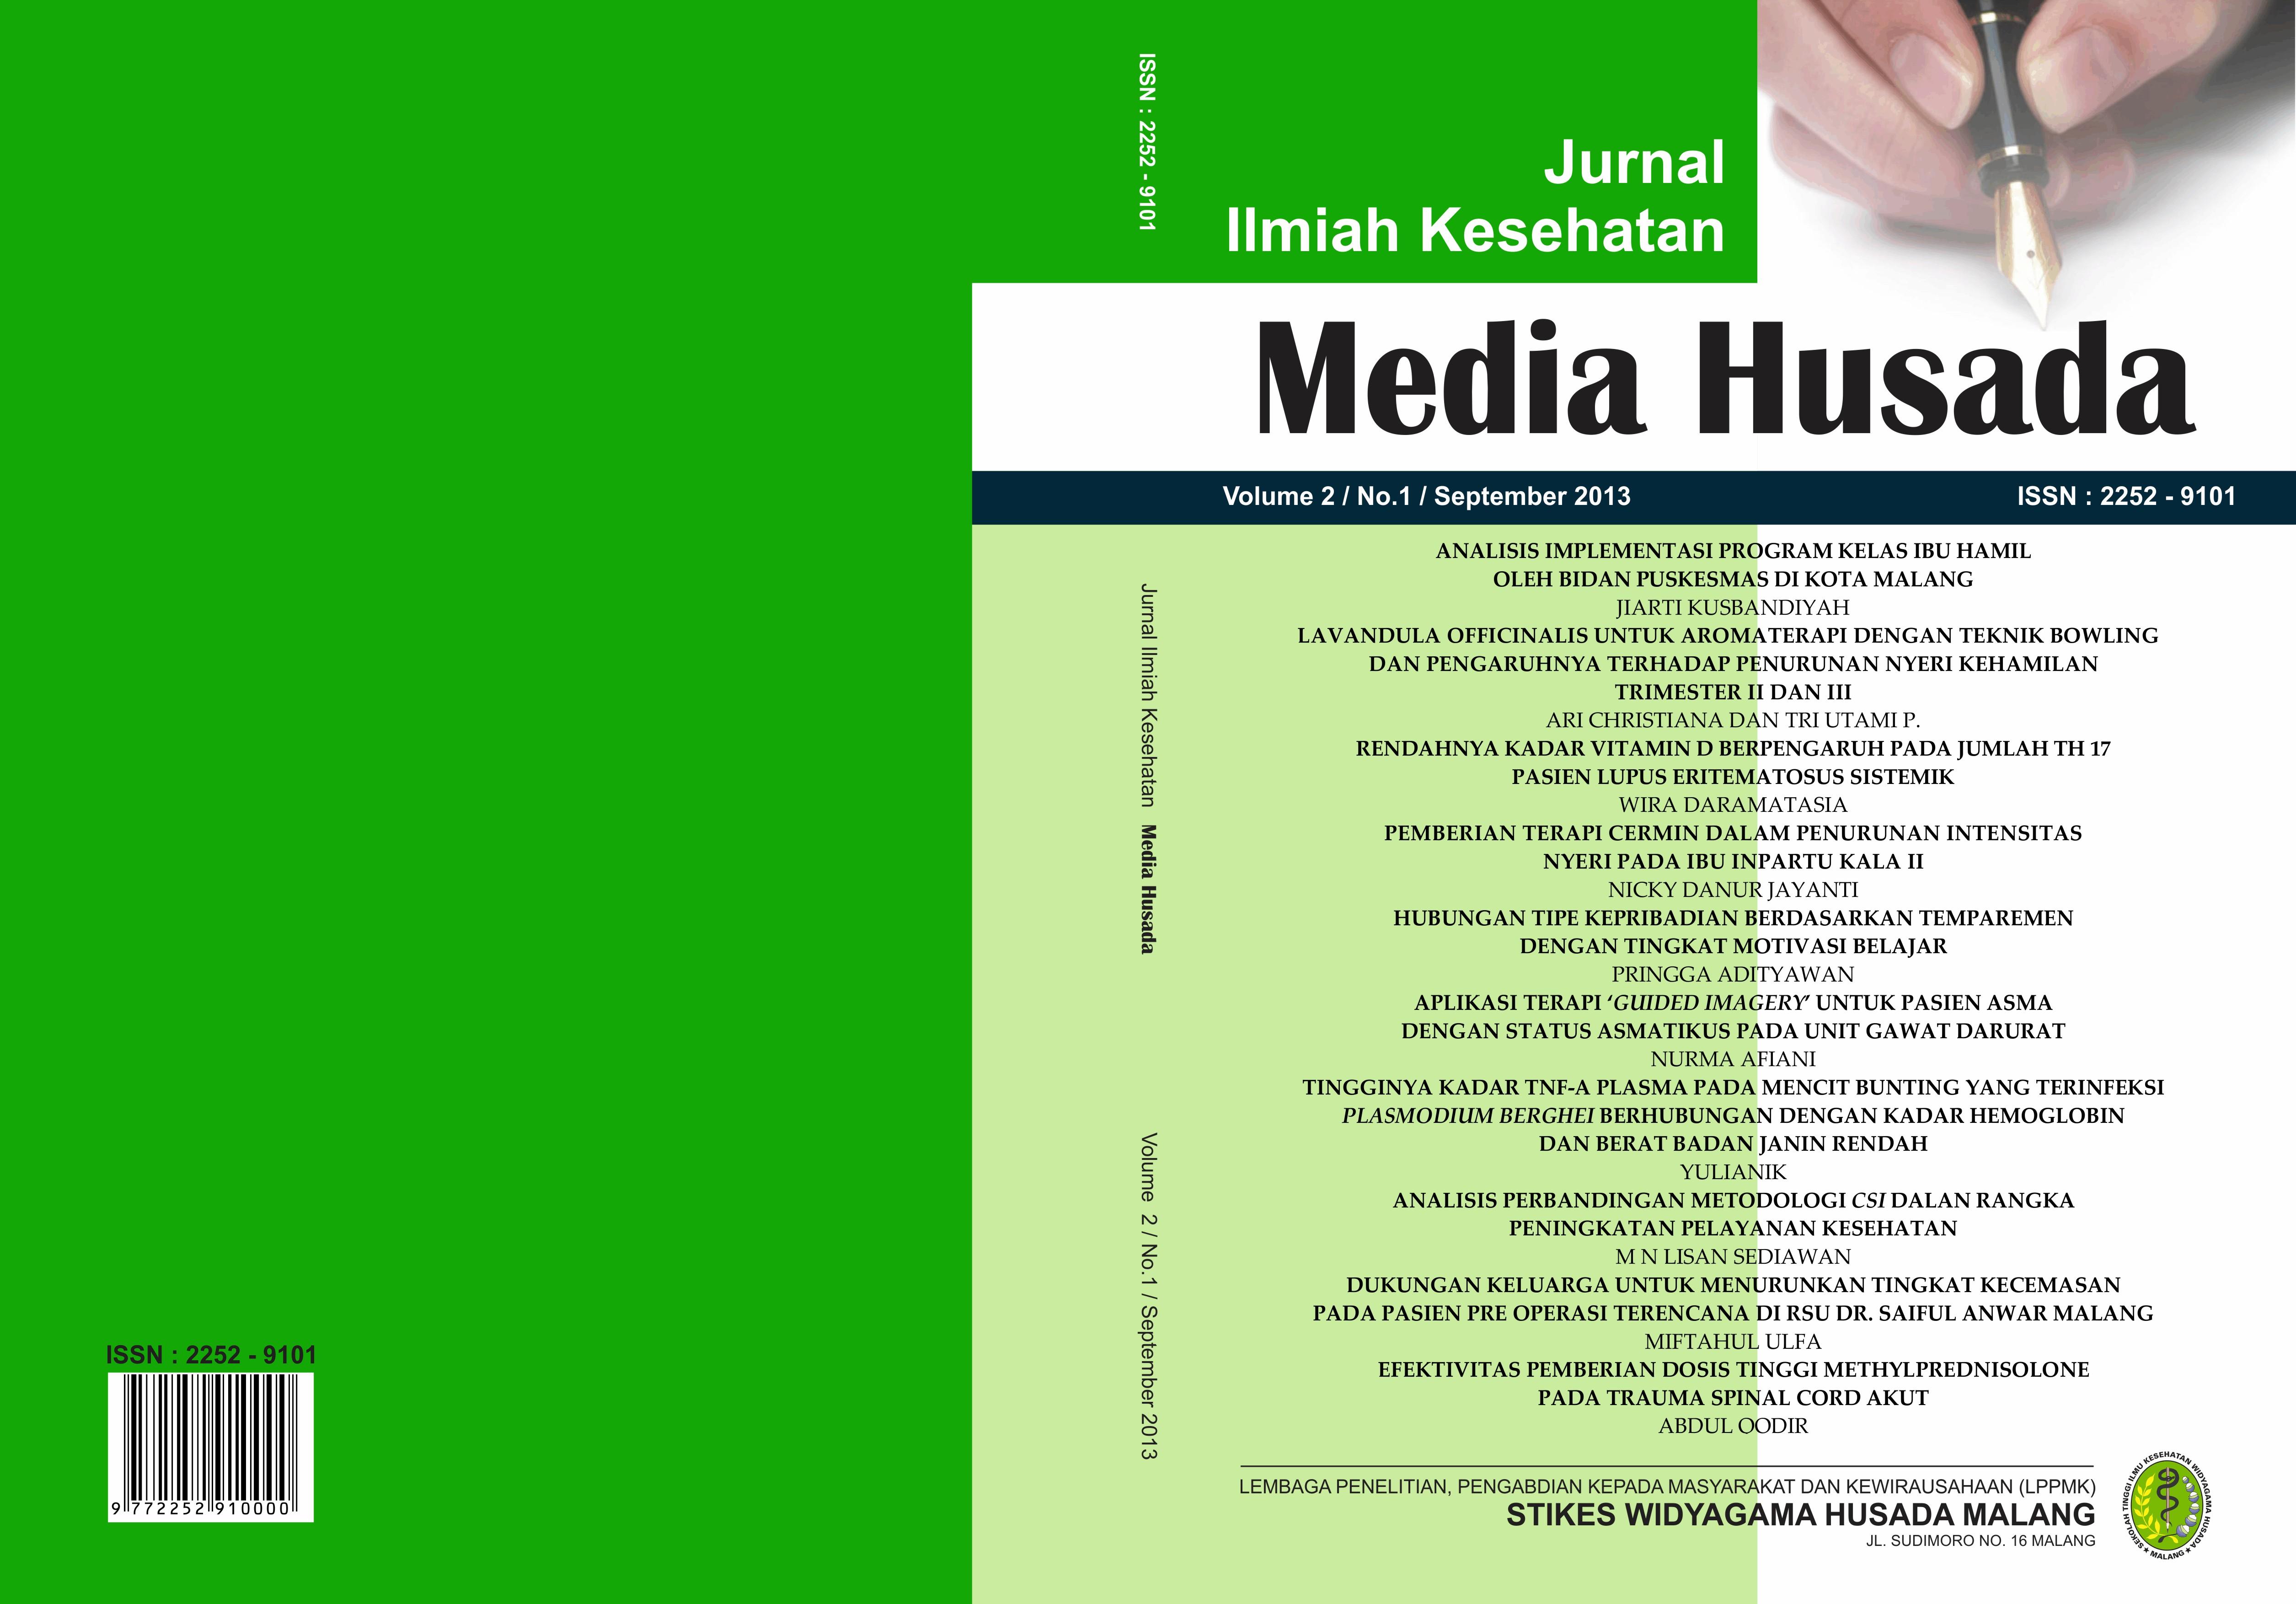 Edisi September 2013